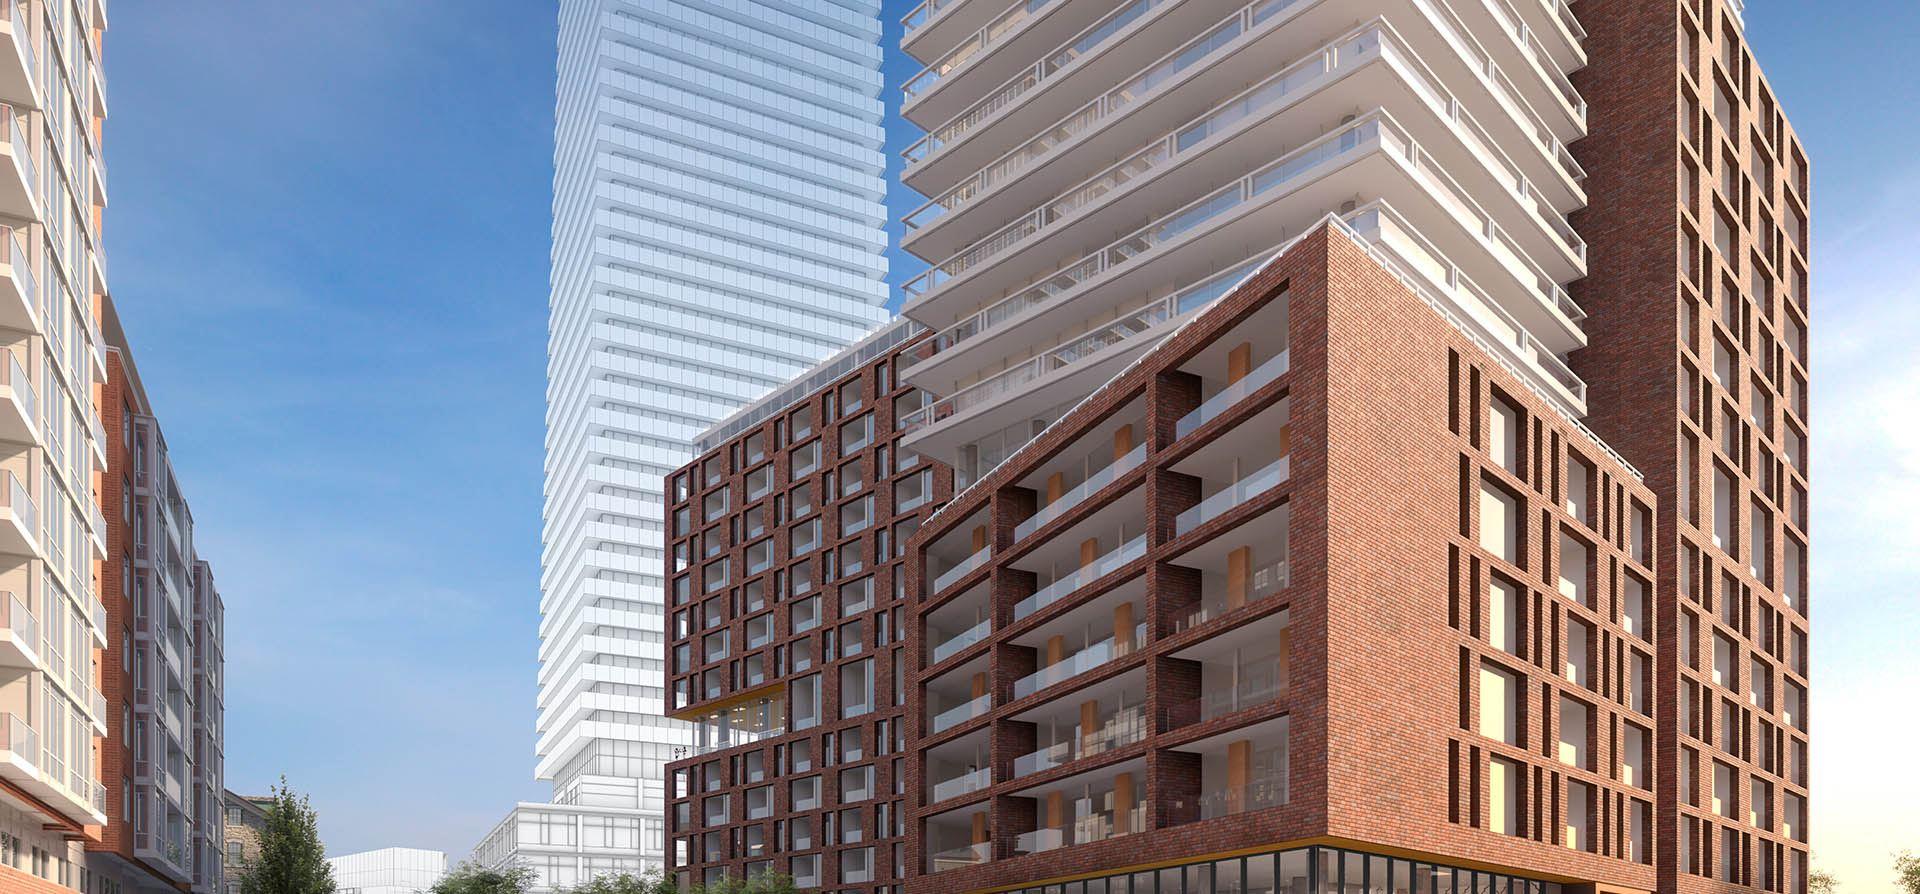 33ParliamentStreetCondos_building_01_cp